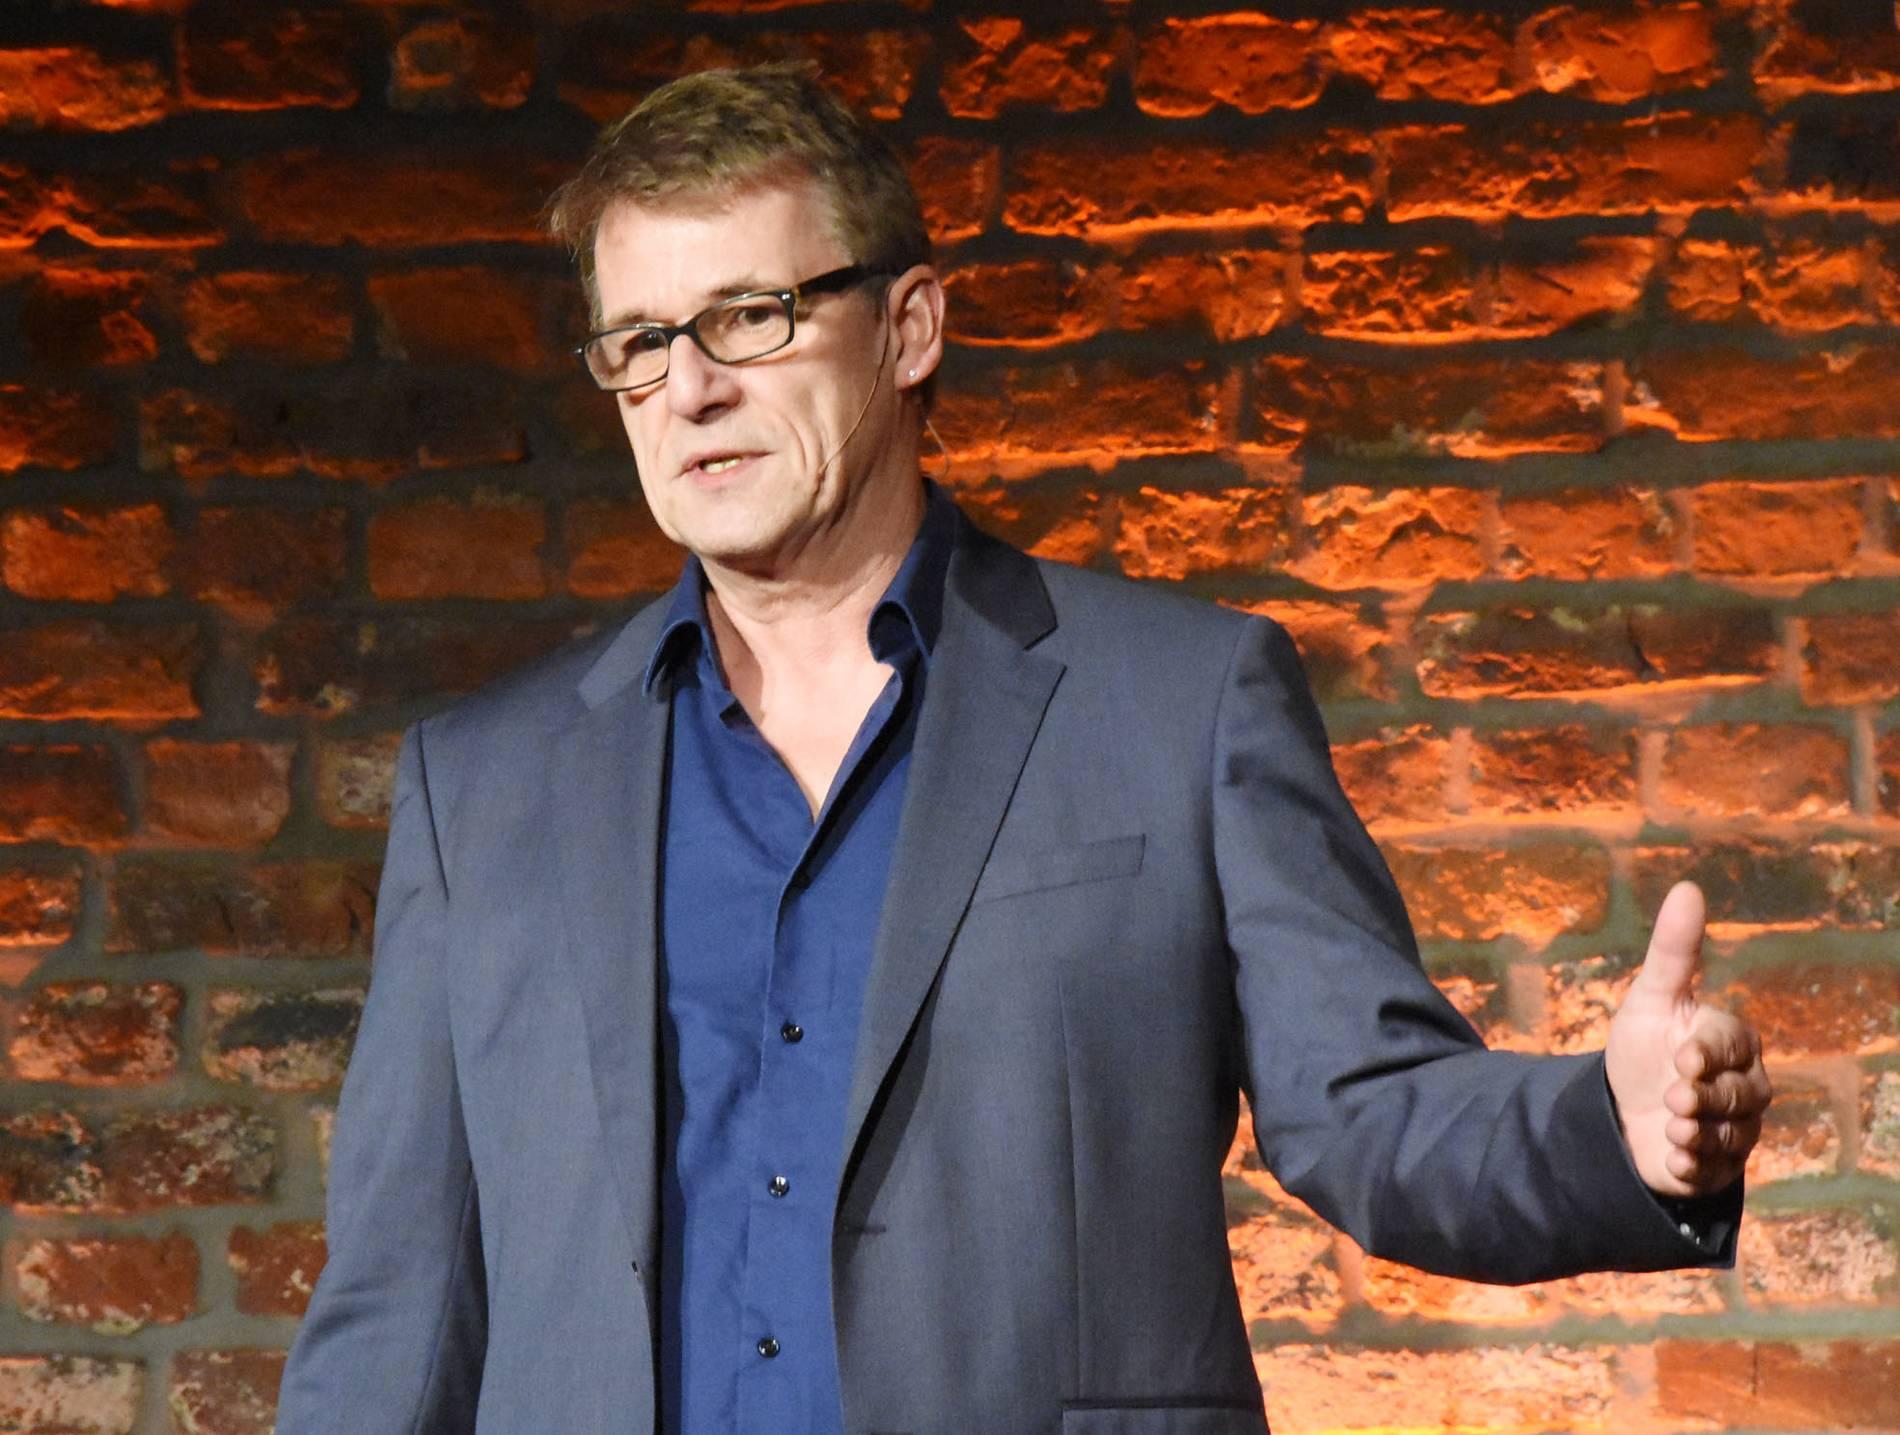 Jan Peter Petersen